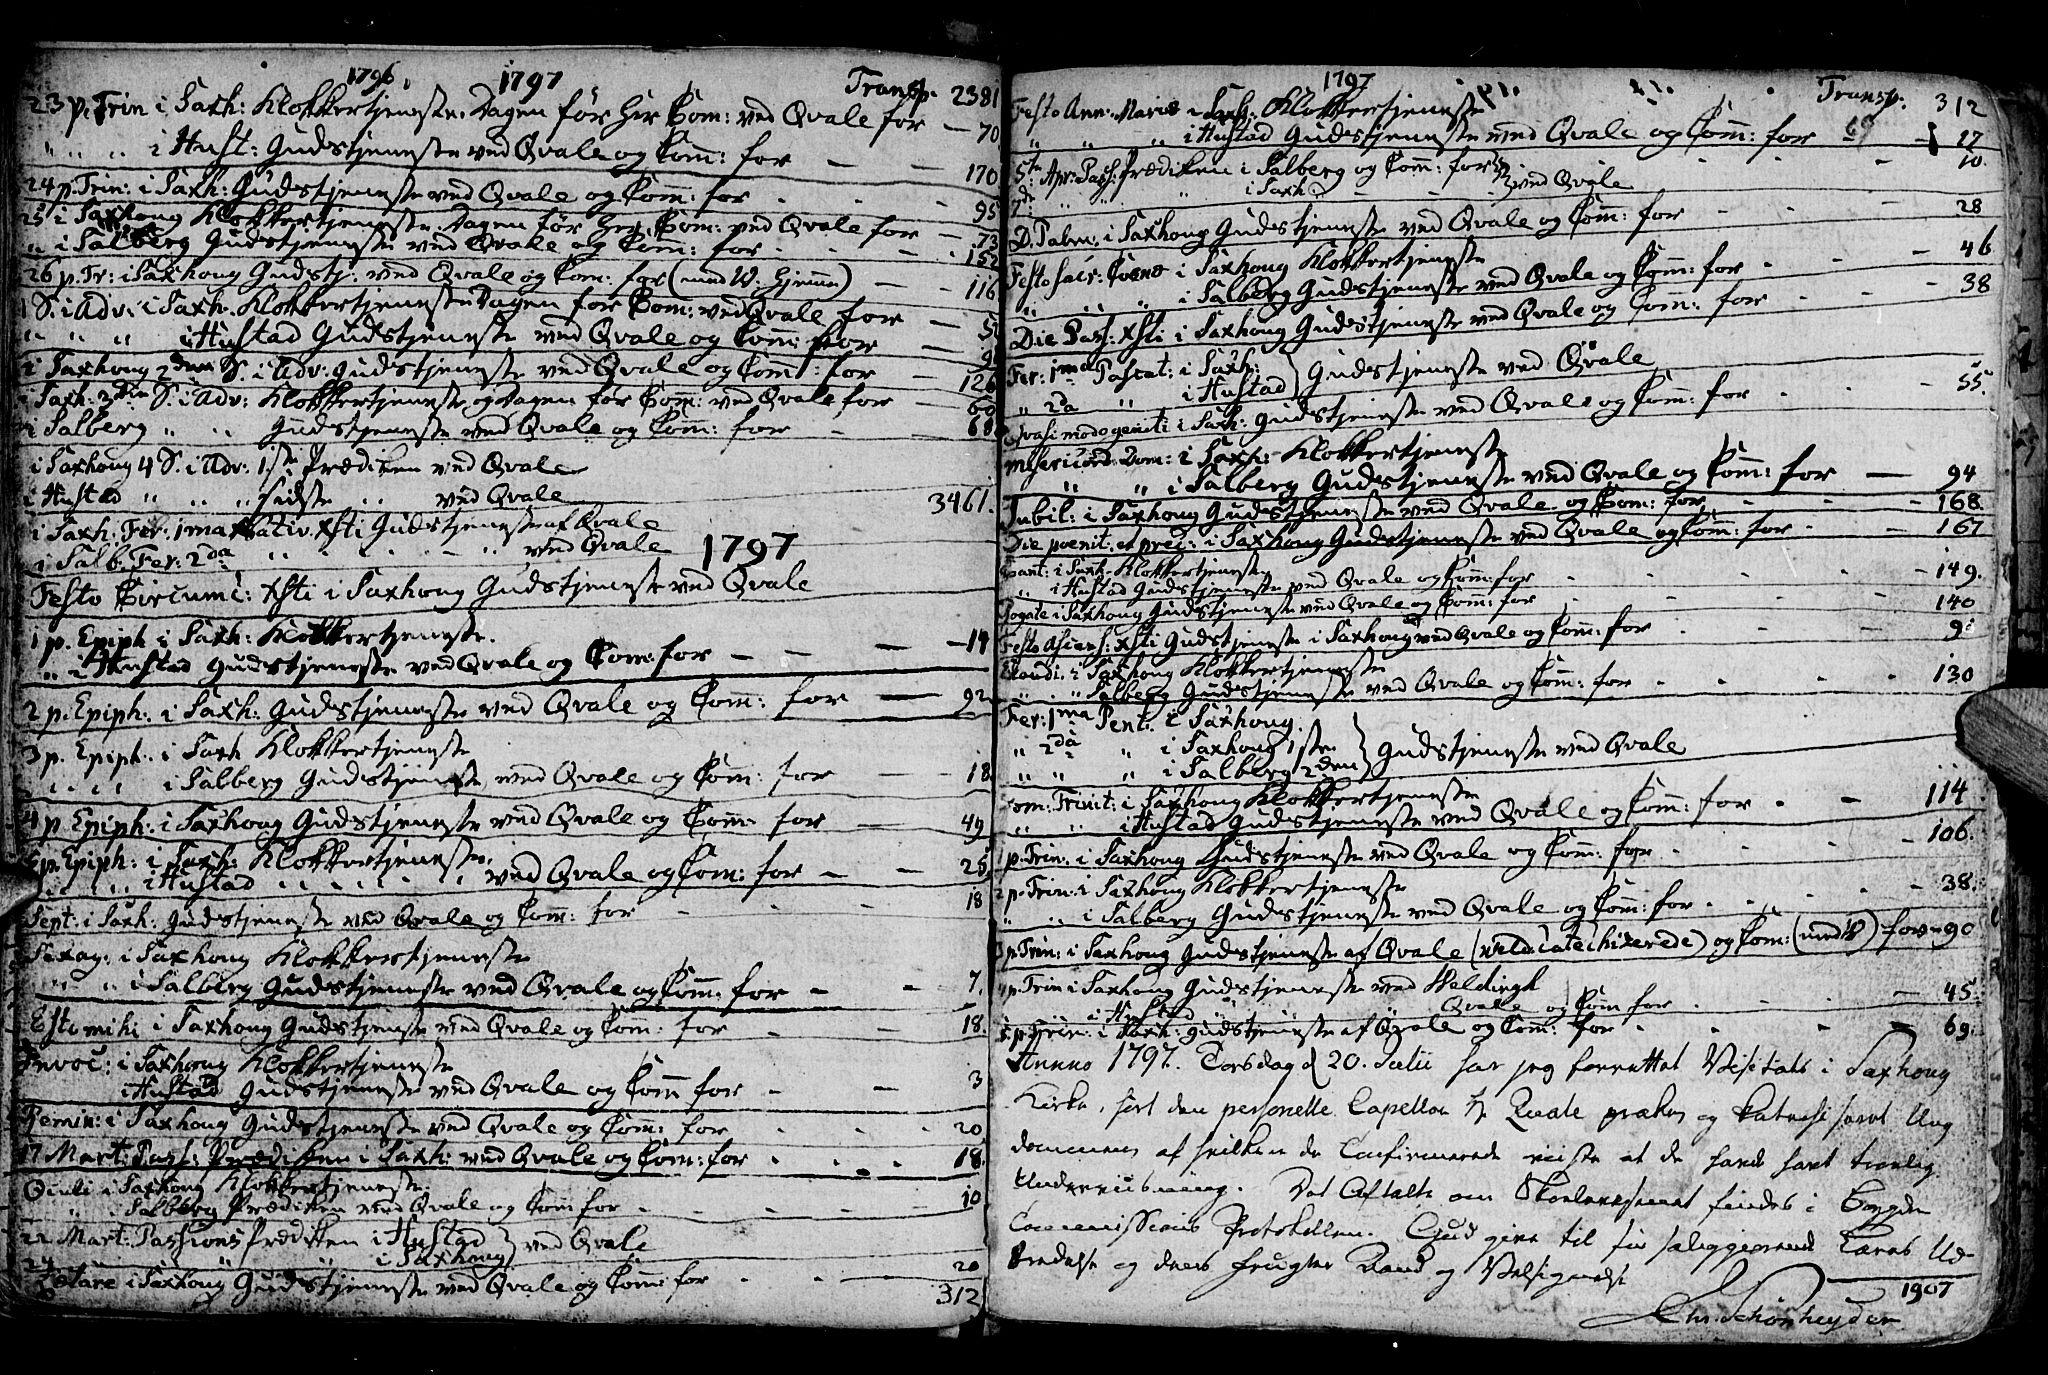 SAT, Ministerialprotokoller, klokkerbøker og fødselsregistre - Nord-Trøndelag, 730/L0273: Ministerialbok nr. 730A02, 1762-1802, s. 69